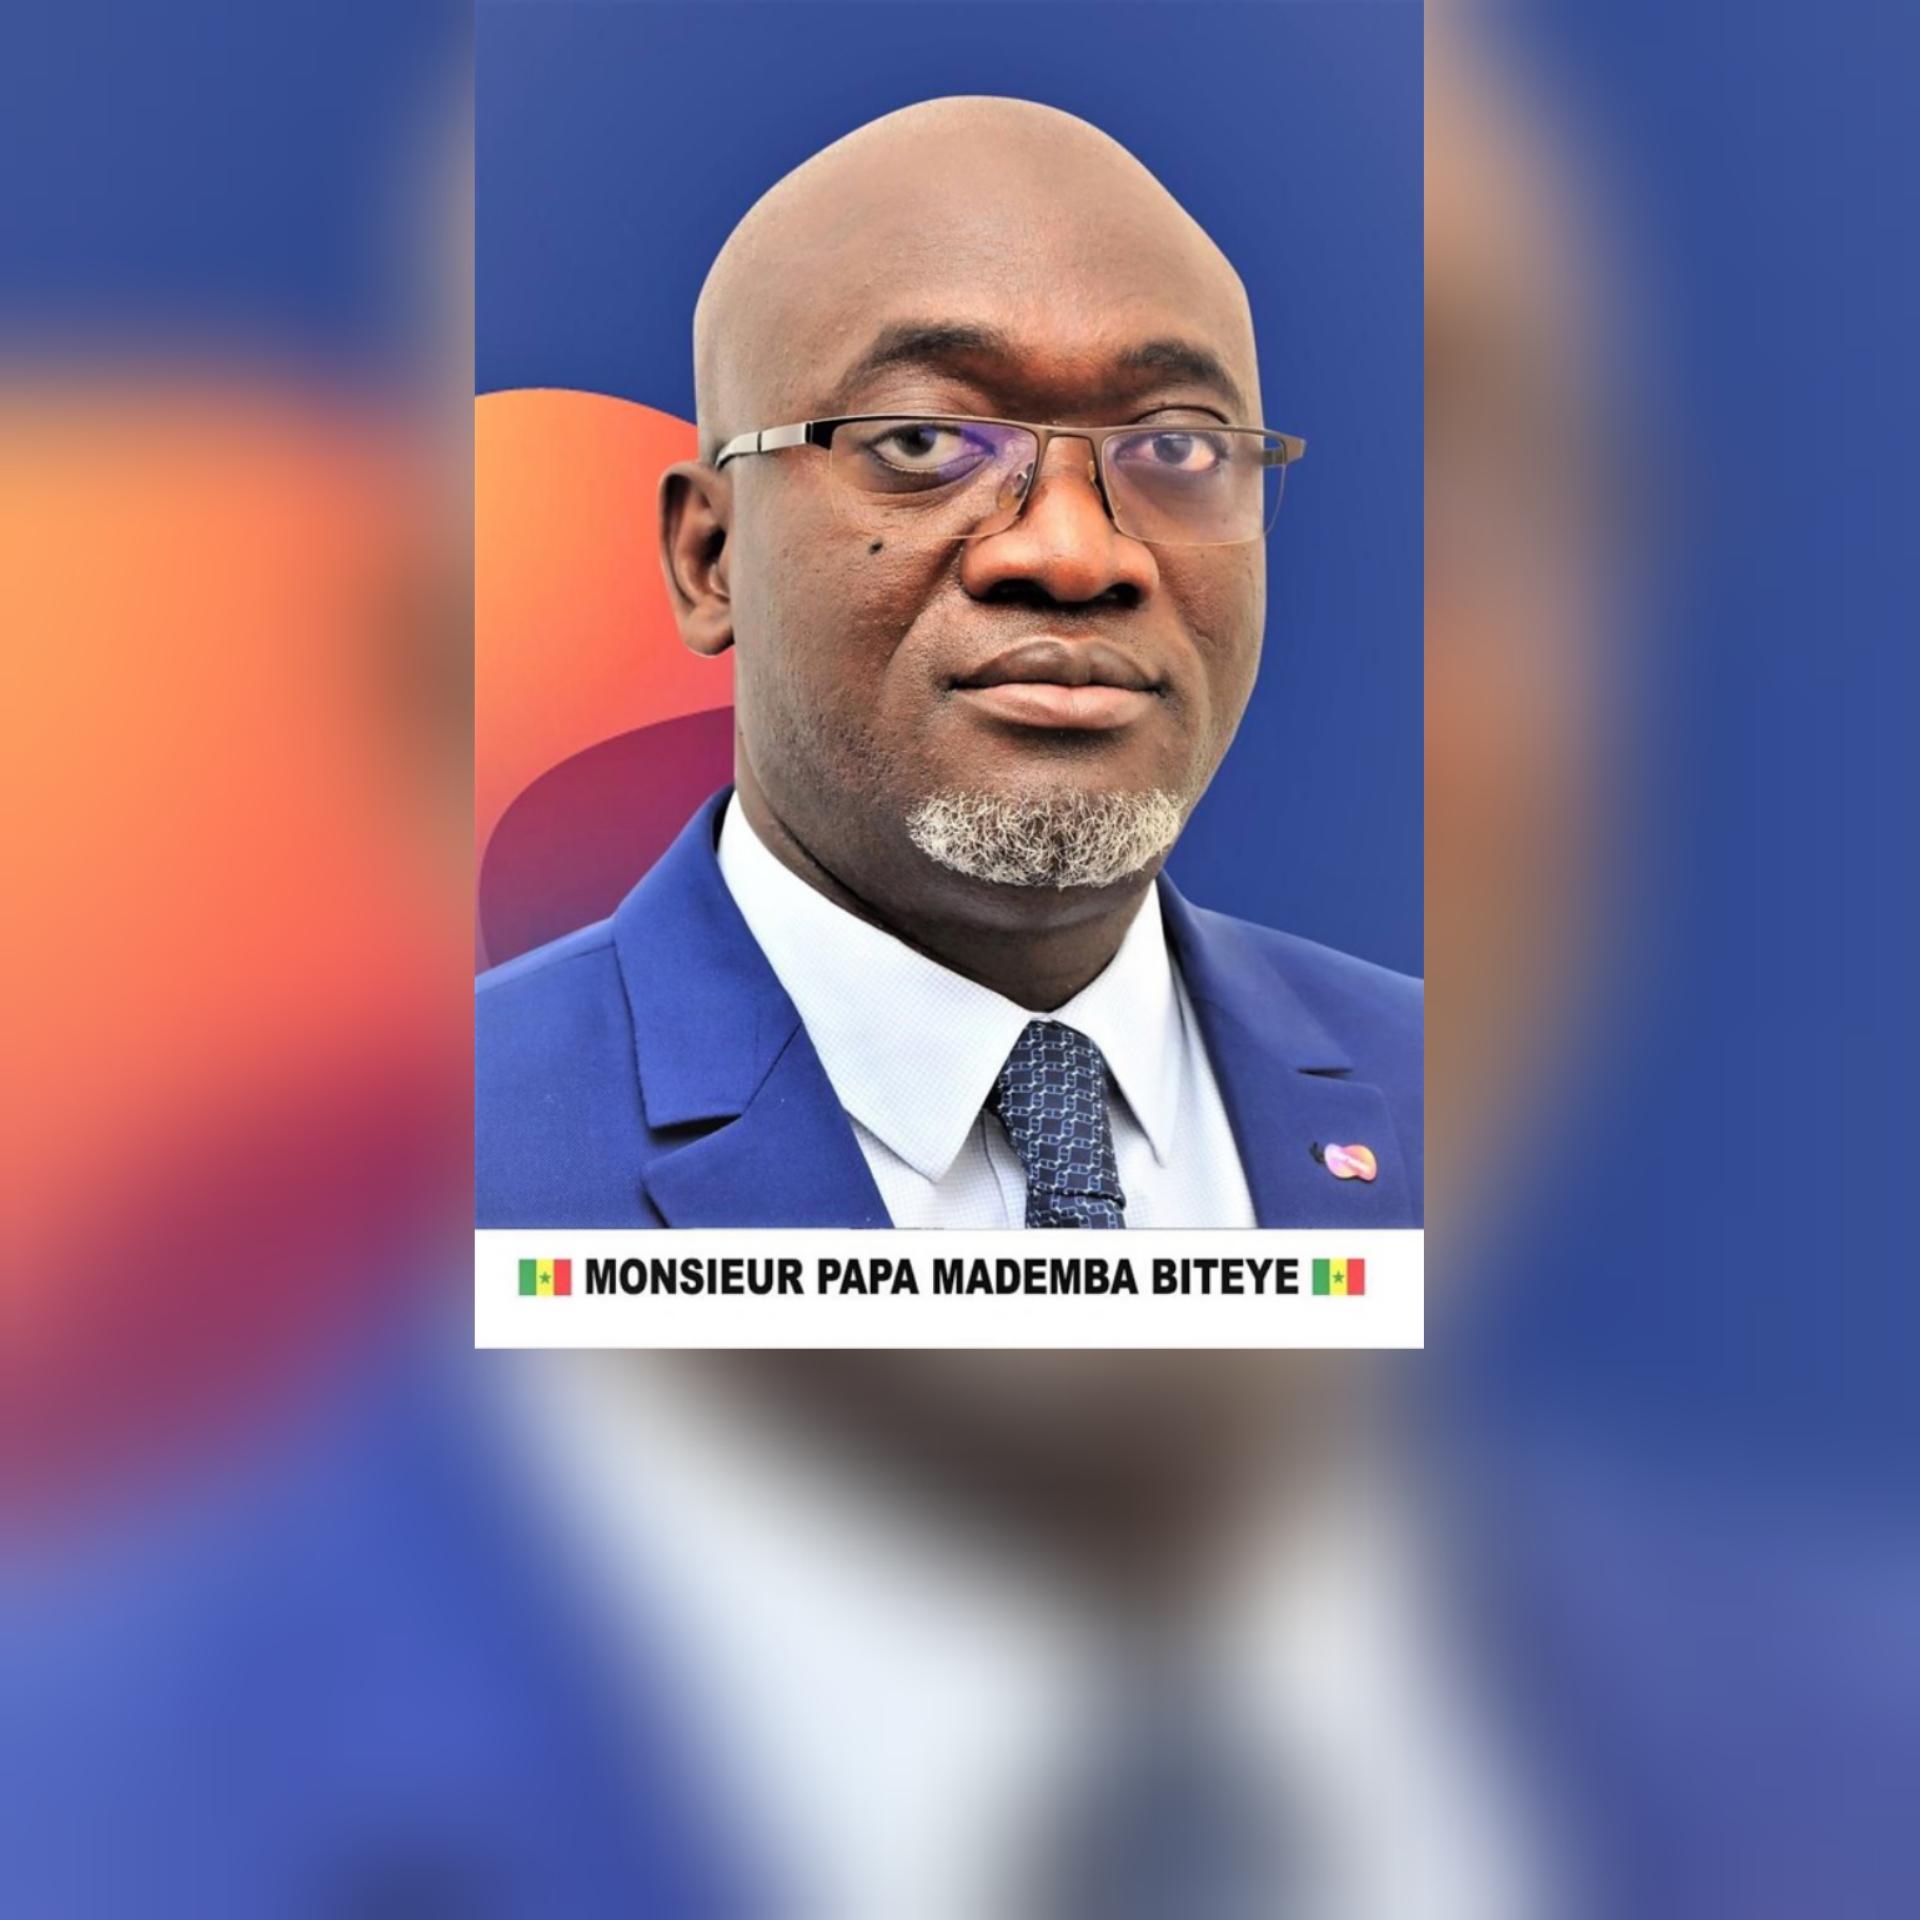 Afrique : Papa Mademba Biteye porté à la tête de l'ASEA